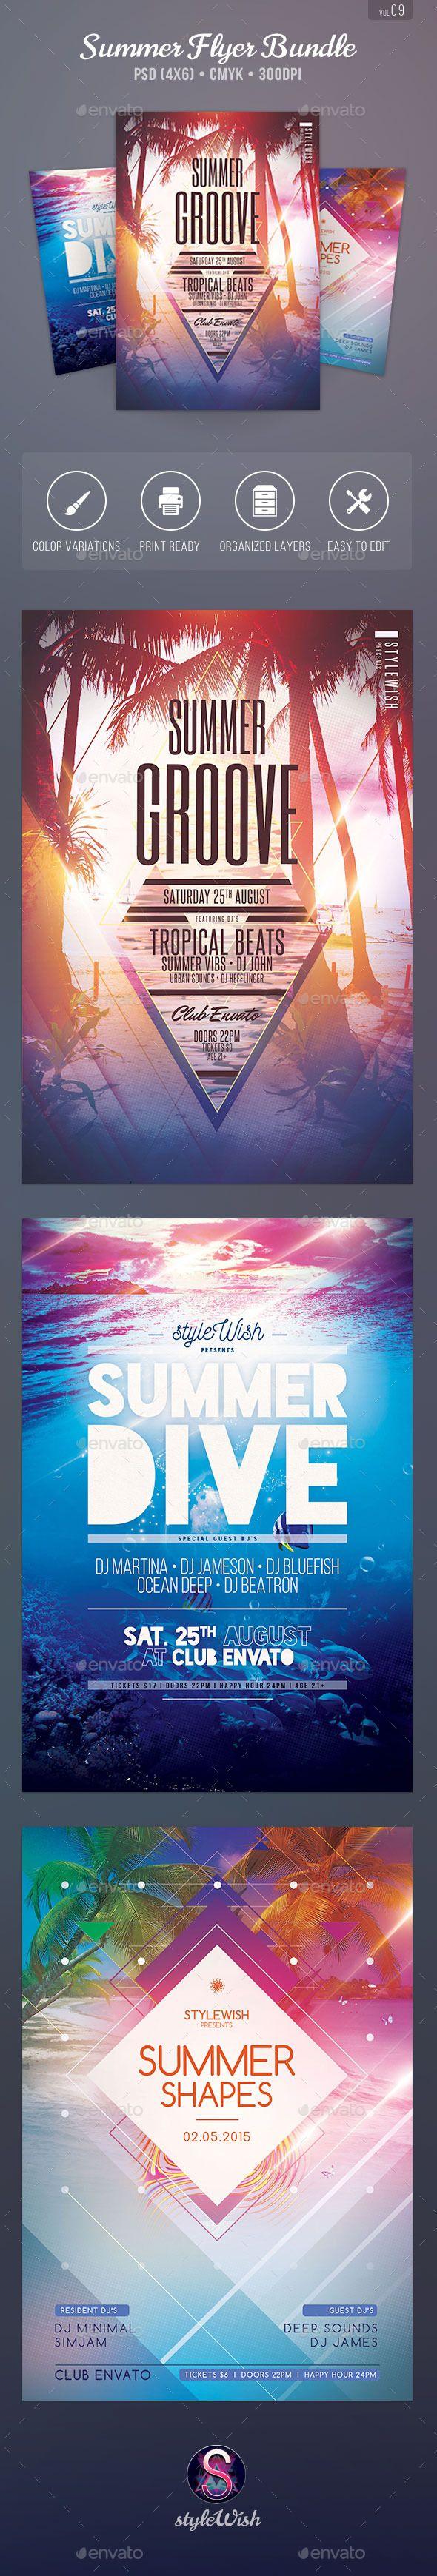 Summer Flyer Bundle Tempalte #design Download: http://graphicriver.net/item/summer-flyer-bundle-vol09/11470665?ref=ksioks